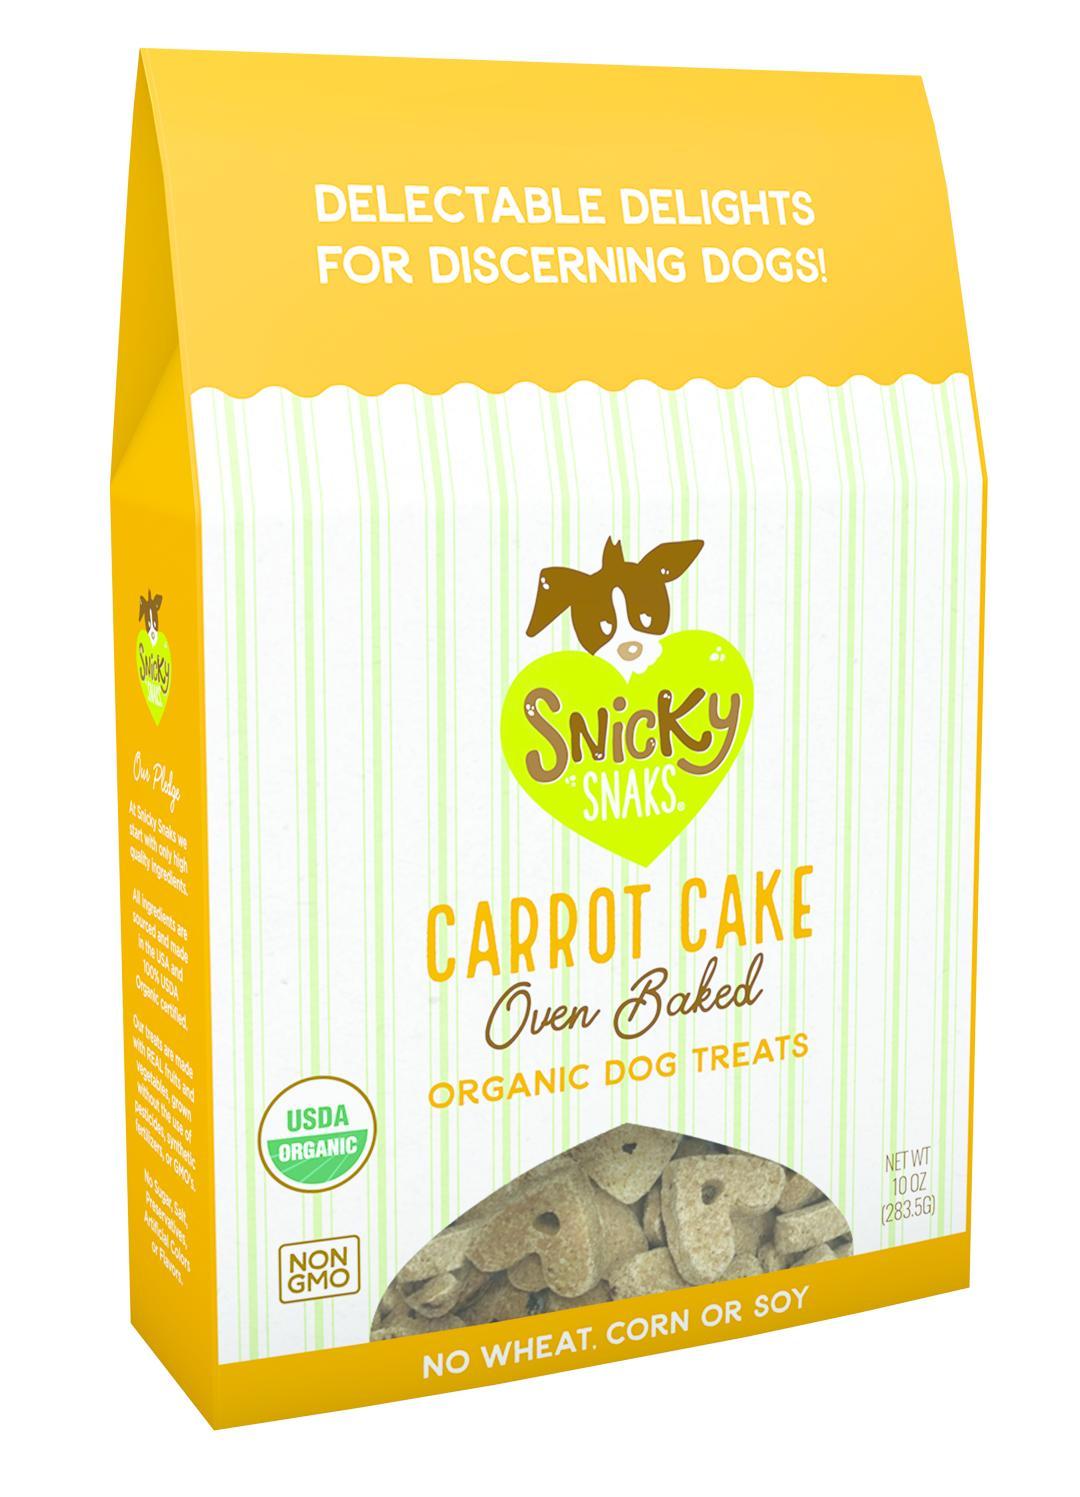 Snicky Snaks Organic Oven Baked Carrot Cake Dog Treats, 10-oz box